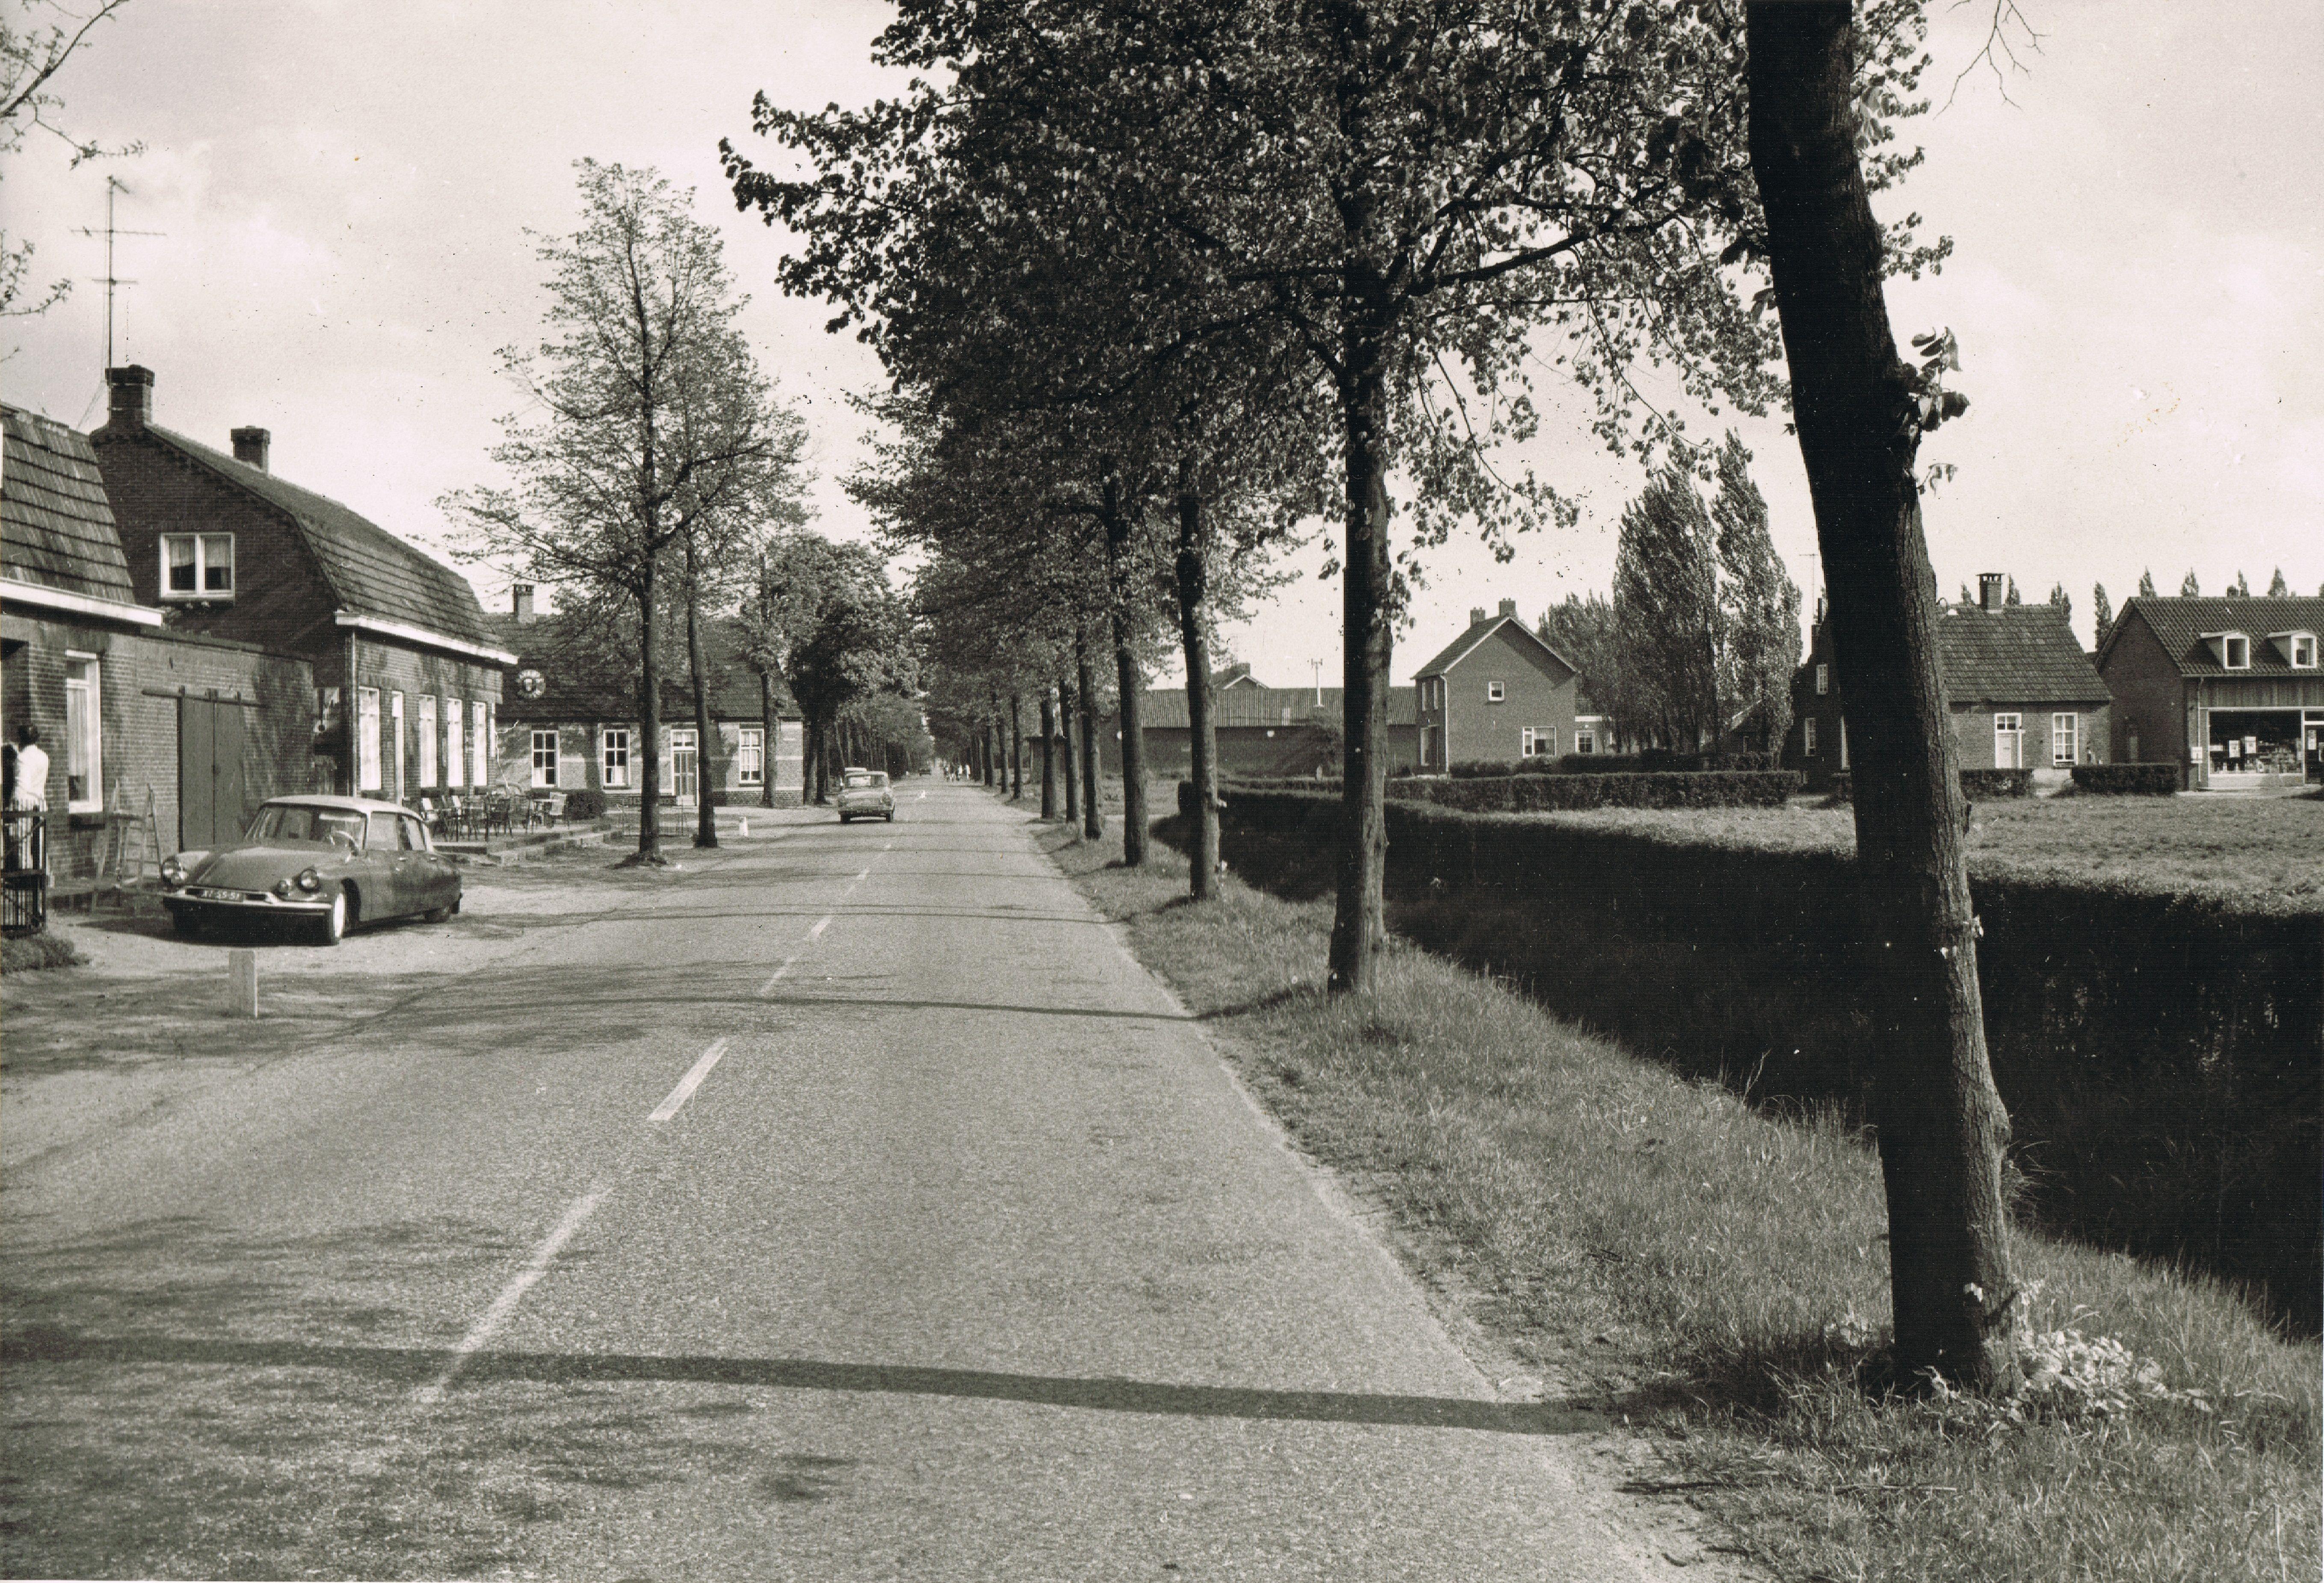 Martien Giebels: 1964-5-20 Voorste Heusden-Meijelseweg-Vorstermansplein - Heusden (gem. Asten). Links Café Vervoordeldonk, rechts het Vorstermansplein met toen nog grasveld, de woningen van Toon en Piet Lammers en de Vegé winkel van Peeters en Toos als winkelbediende.